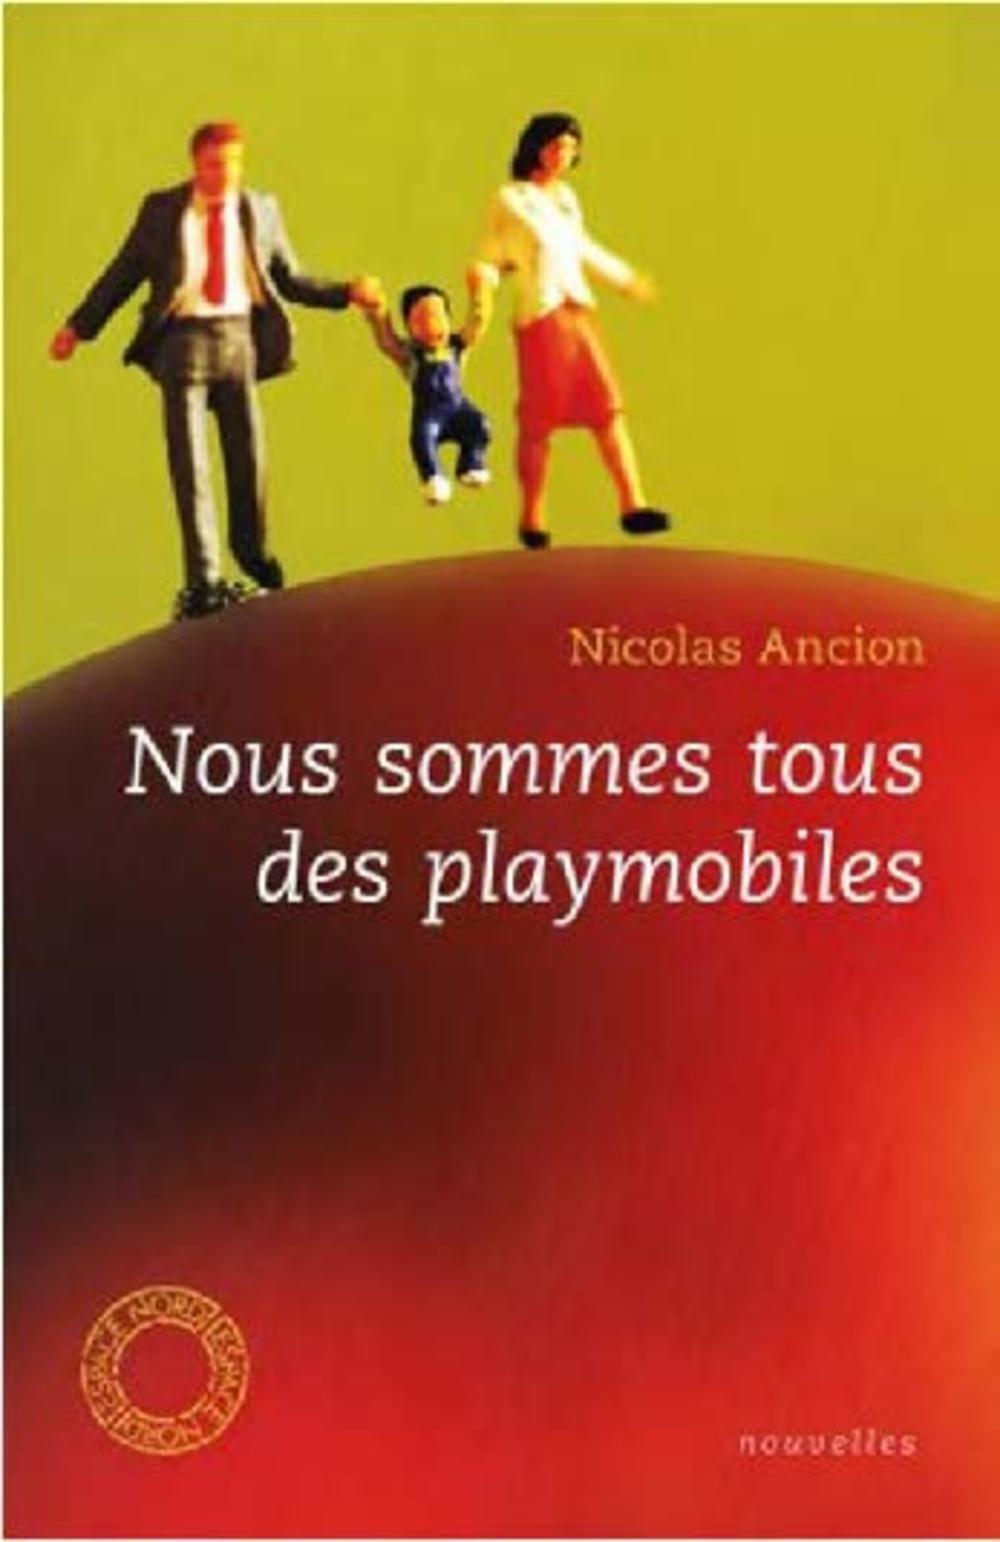 """Résultat de recherche d'images pour """"Nous sommes tous des playmobiles"""""""